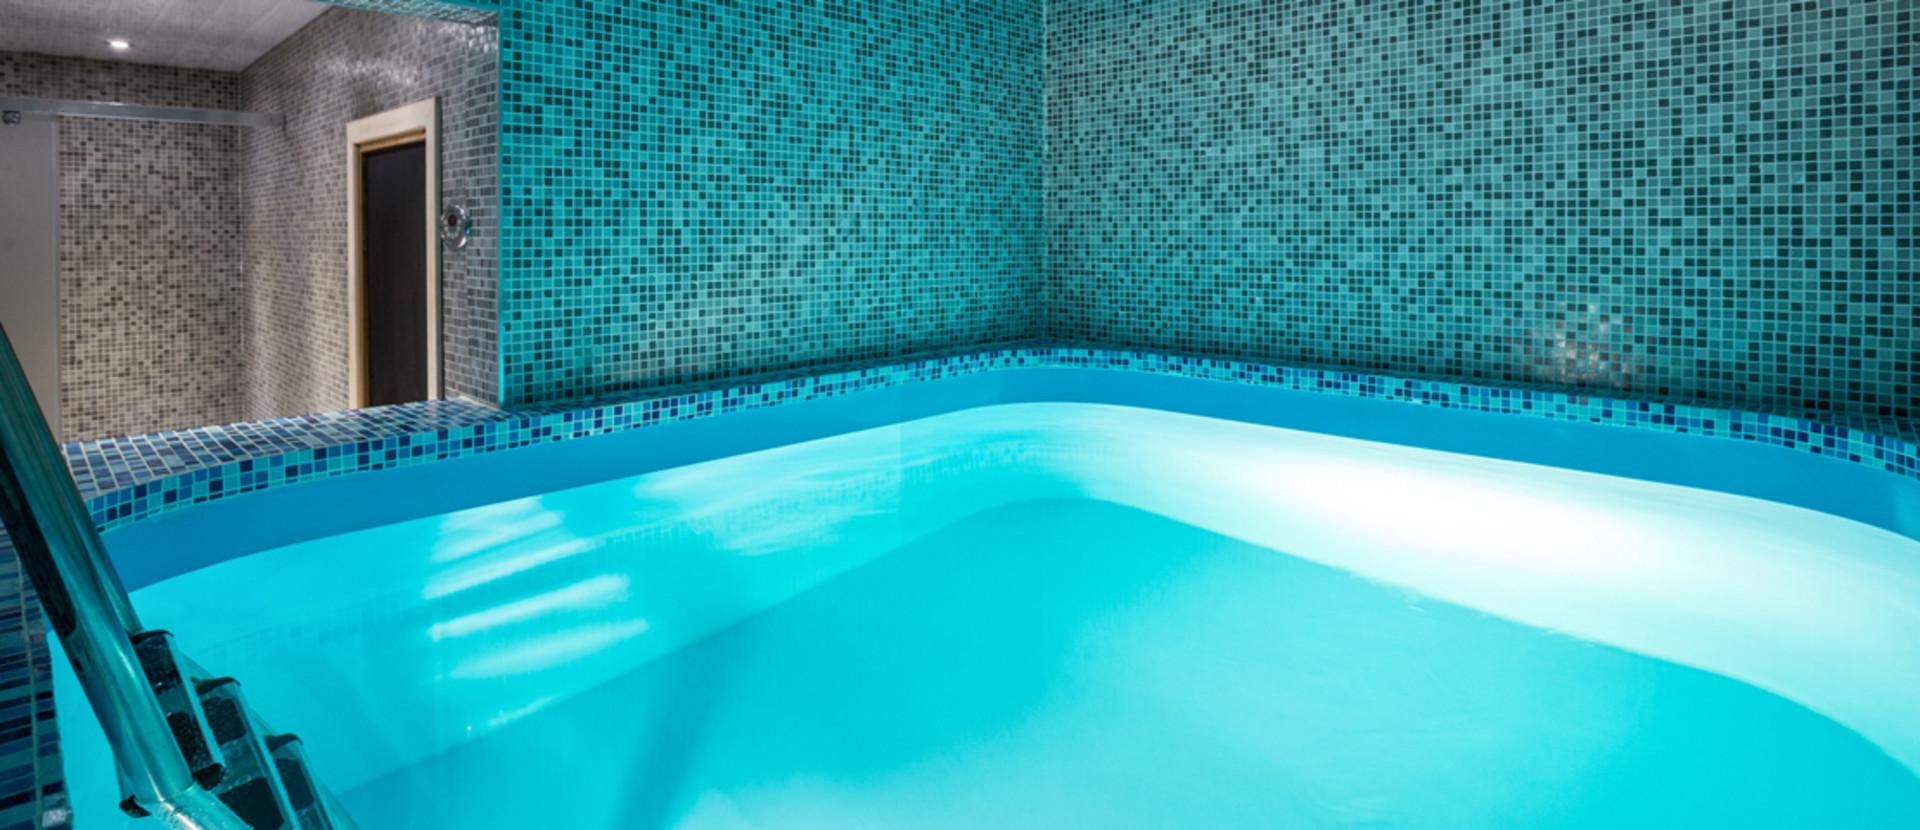 Мини-бассейн.jpg